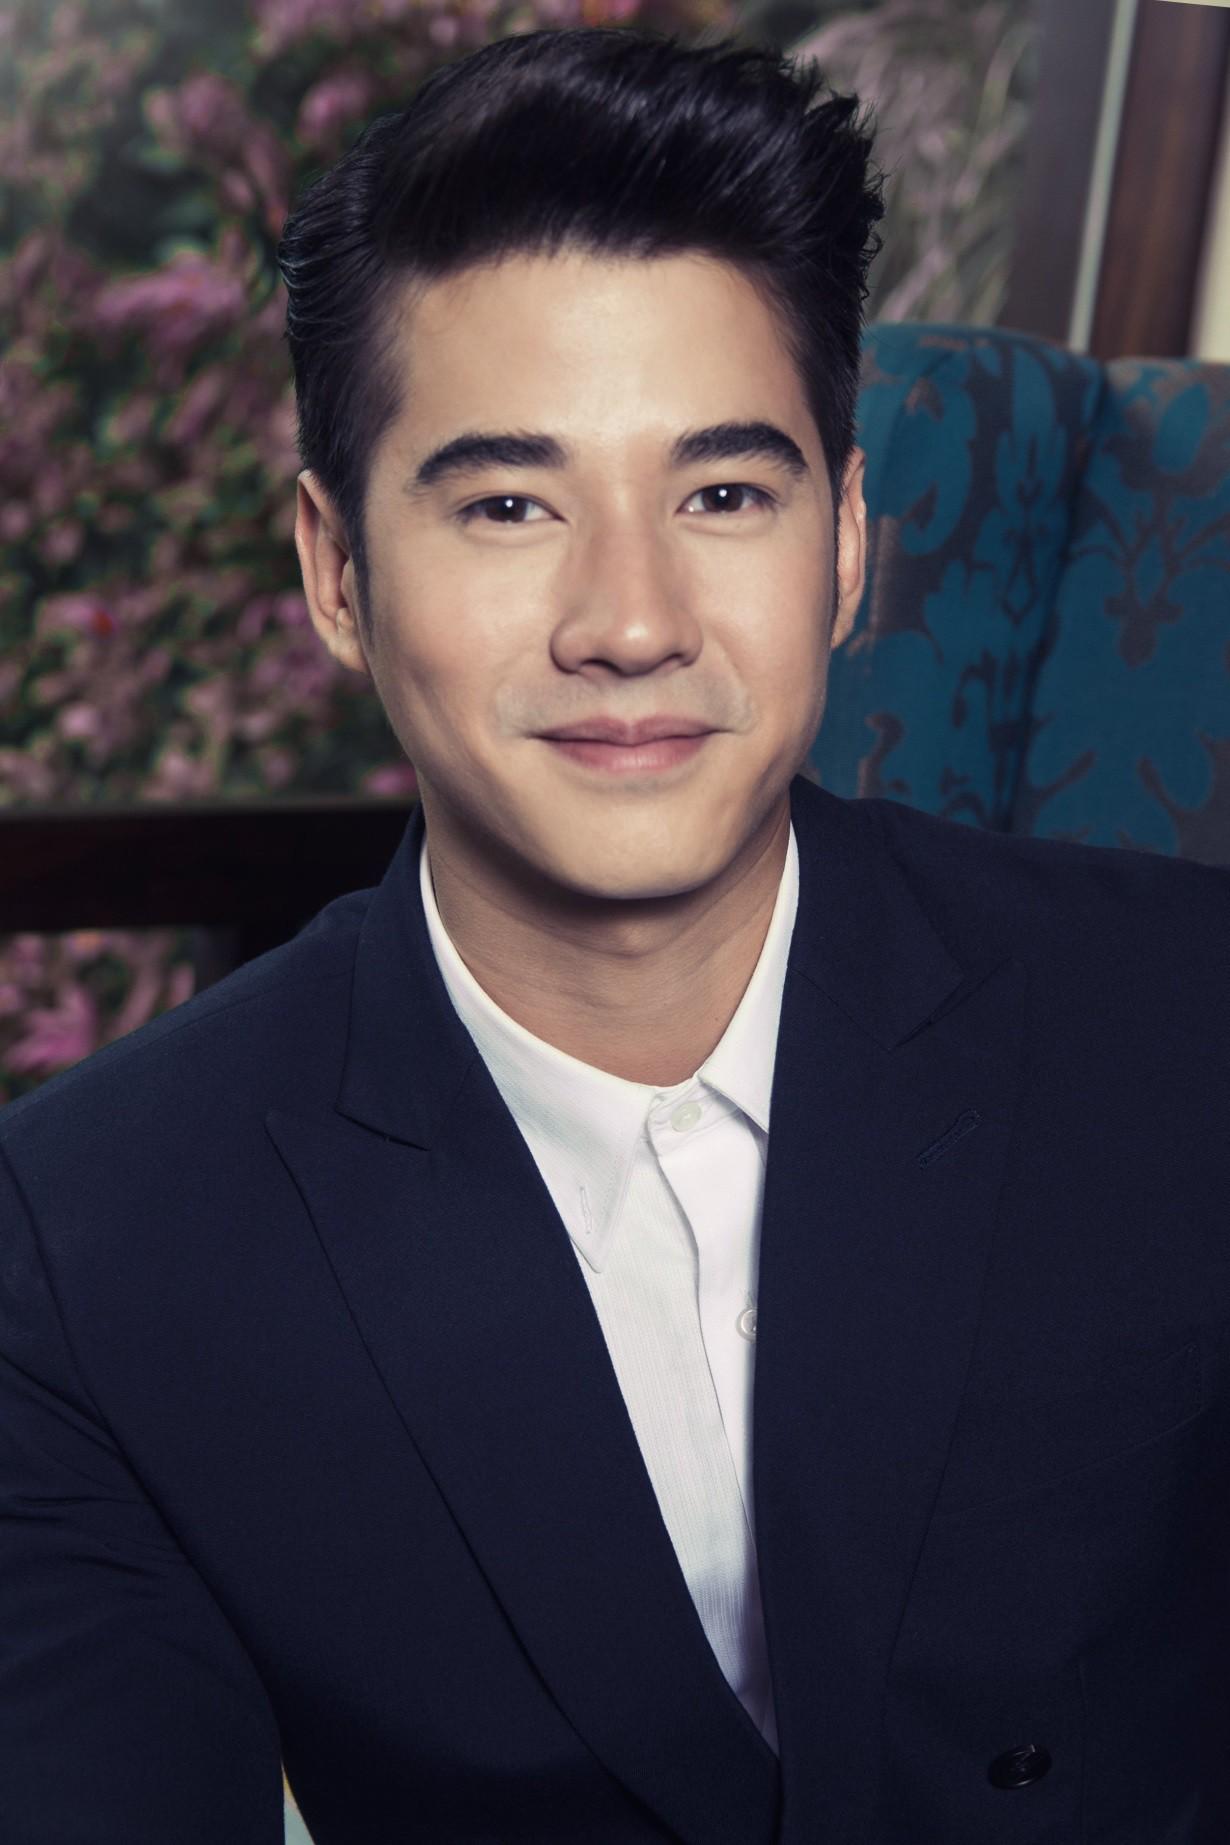 Vượt qua James Ji, Nadech và cả Mario, nam thần điển trai số 1 đài CH3 Thái là ông chú cực phẩm U40 này - Ảnh 25.